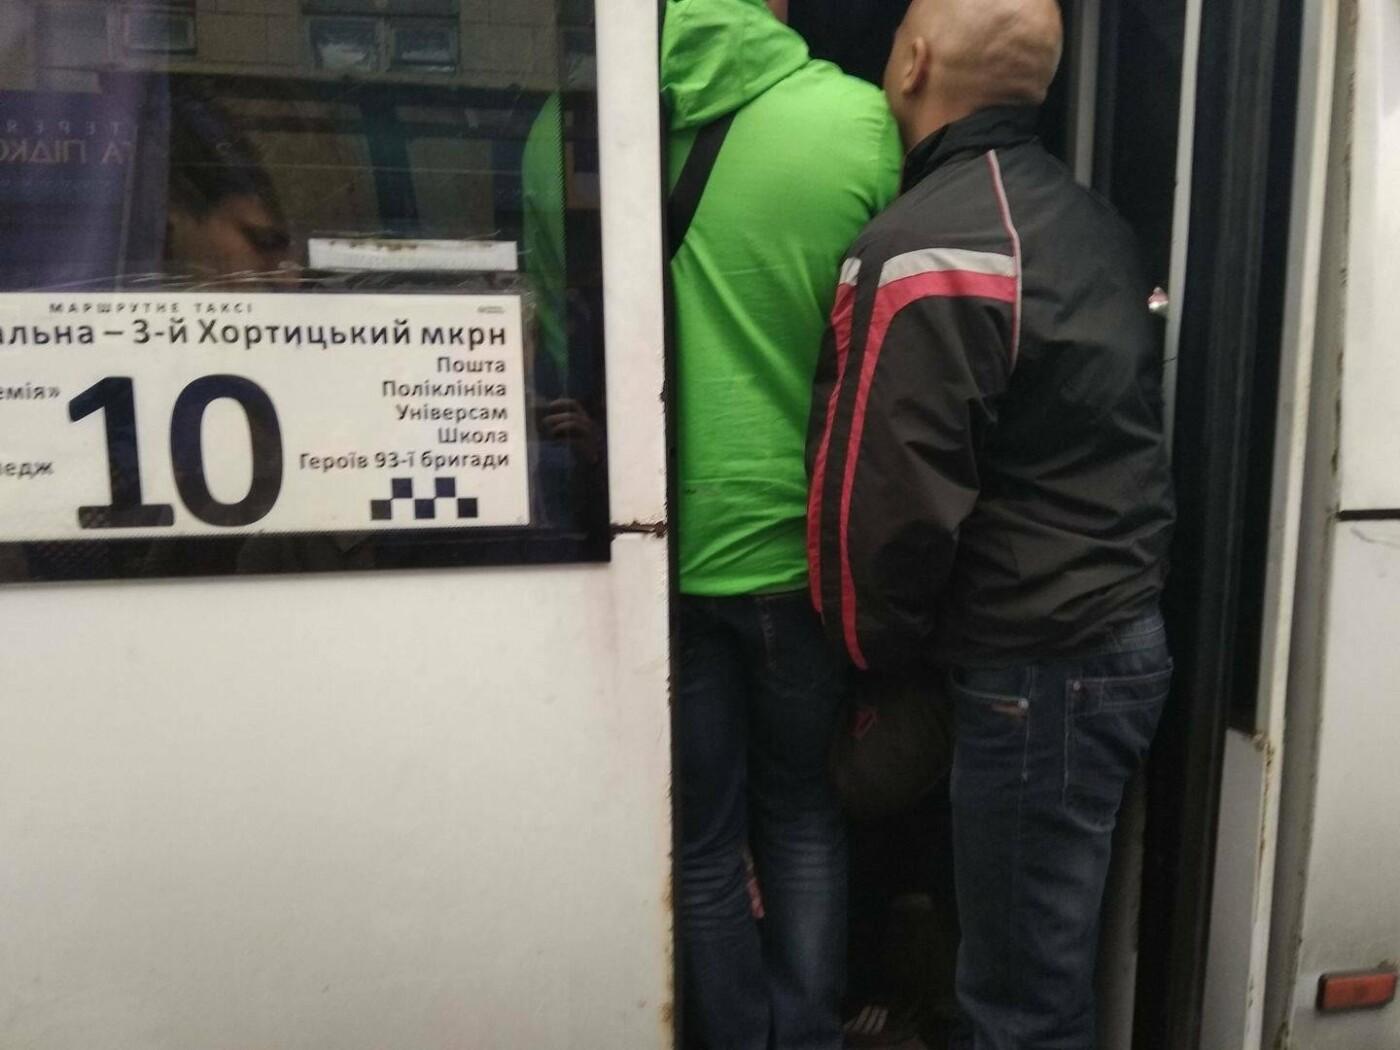 Запорожцы жалуются на перебои в транспорте на Бабурку и в Бородинский микрорайон, - ФОТО , фото-2